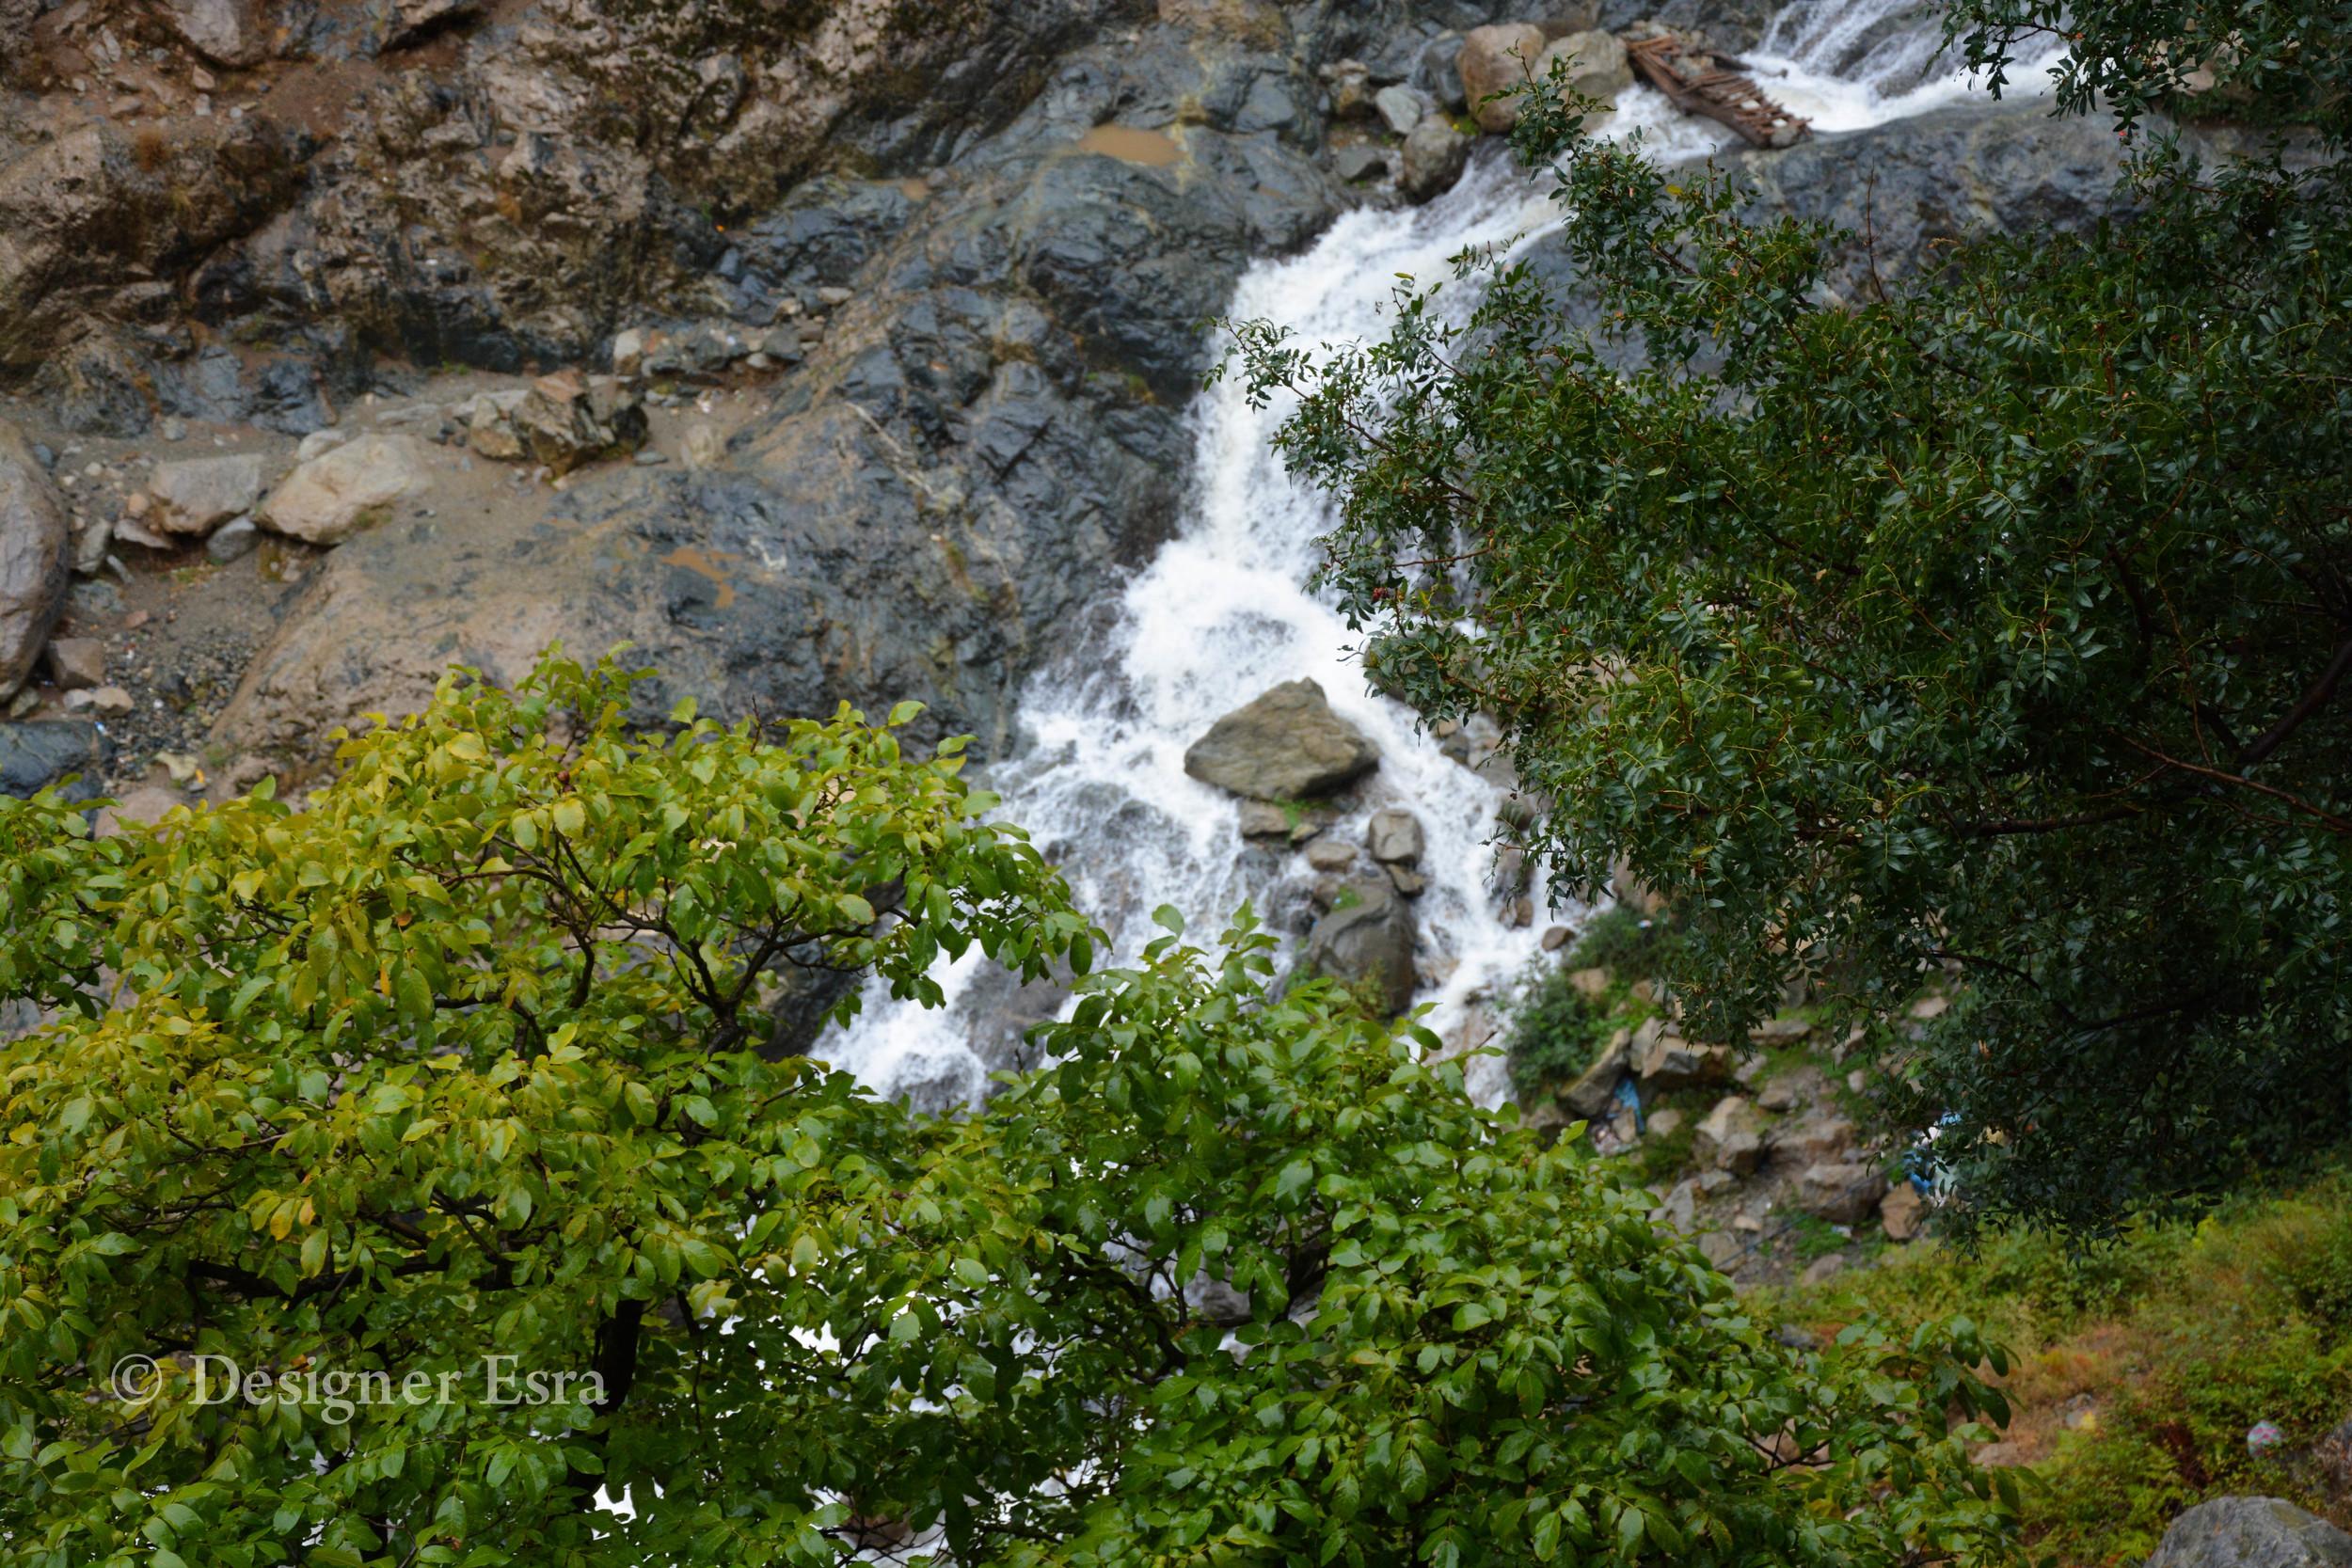 Waterfall in Atlas Mountains شلال في جبال أطلس في المغرب